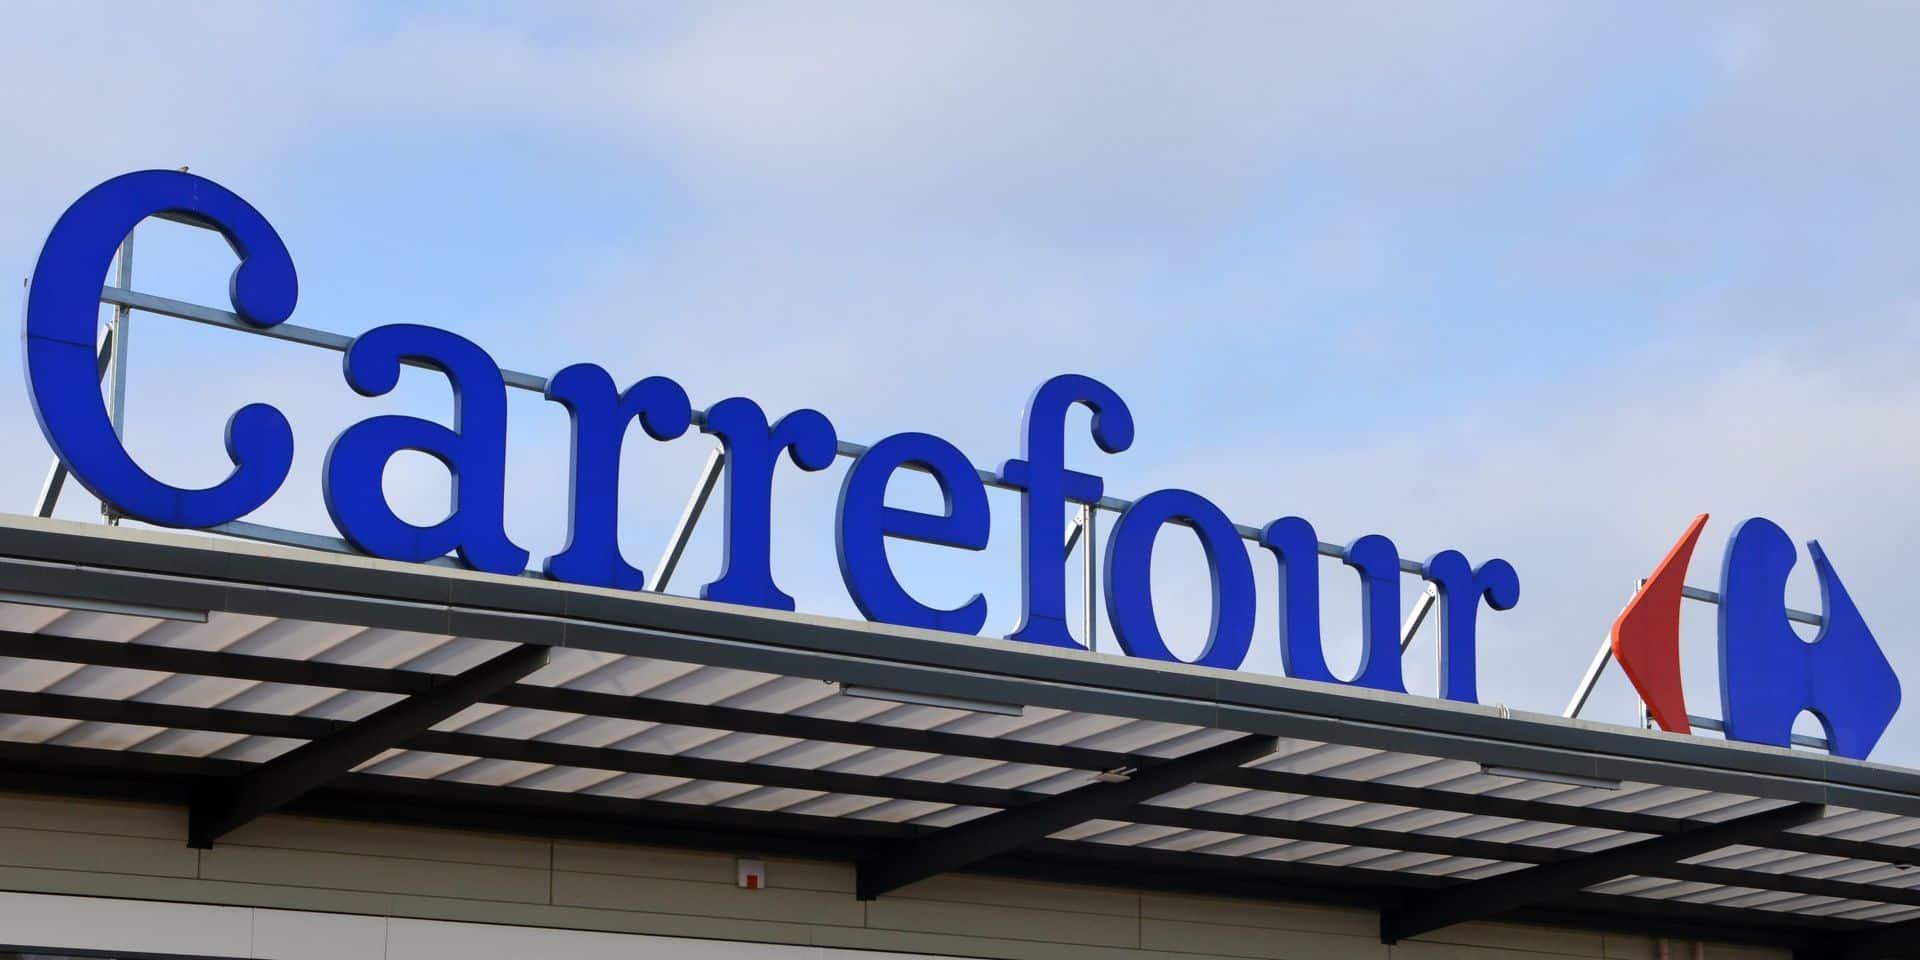 La responsabilité du double paiement incombe à une filiale de Carrefour